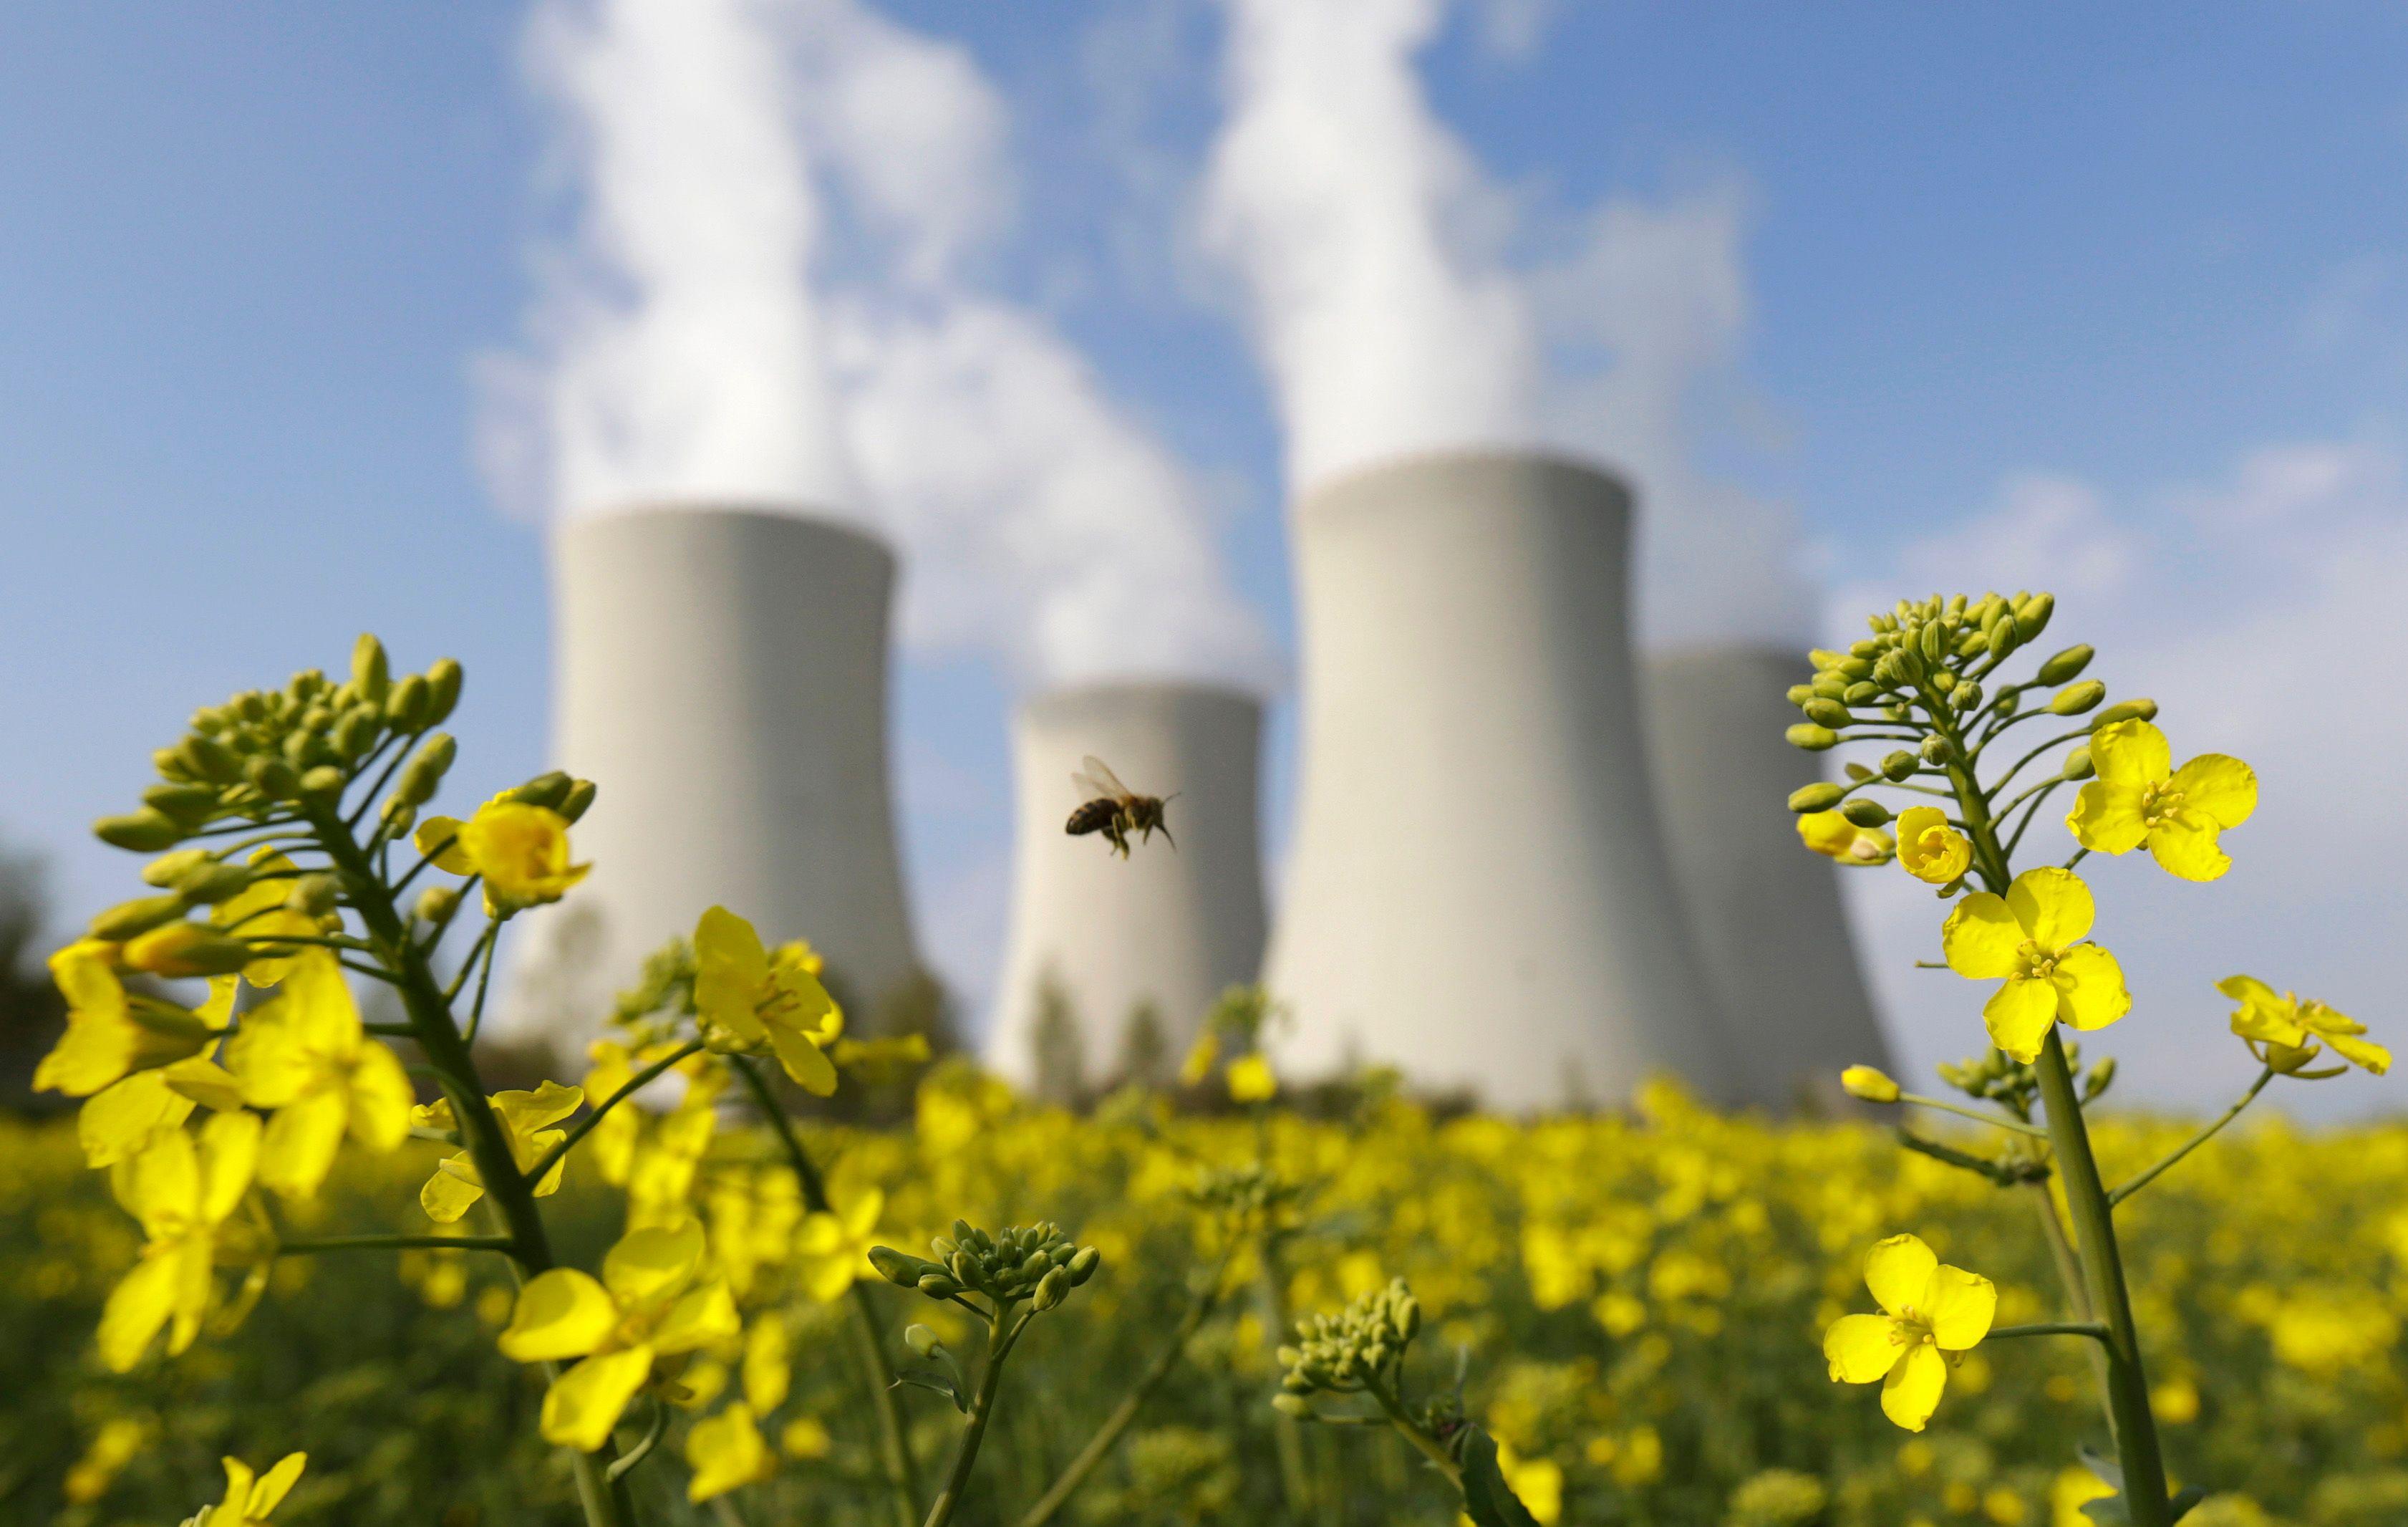 Grève mondiale pour le climat : ces technologies prometteuses qui pourraient rassurer les éco-anxieux